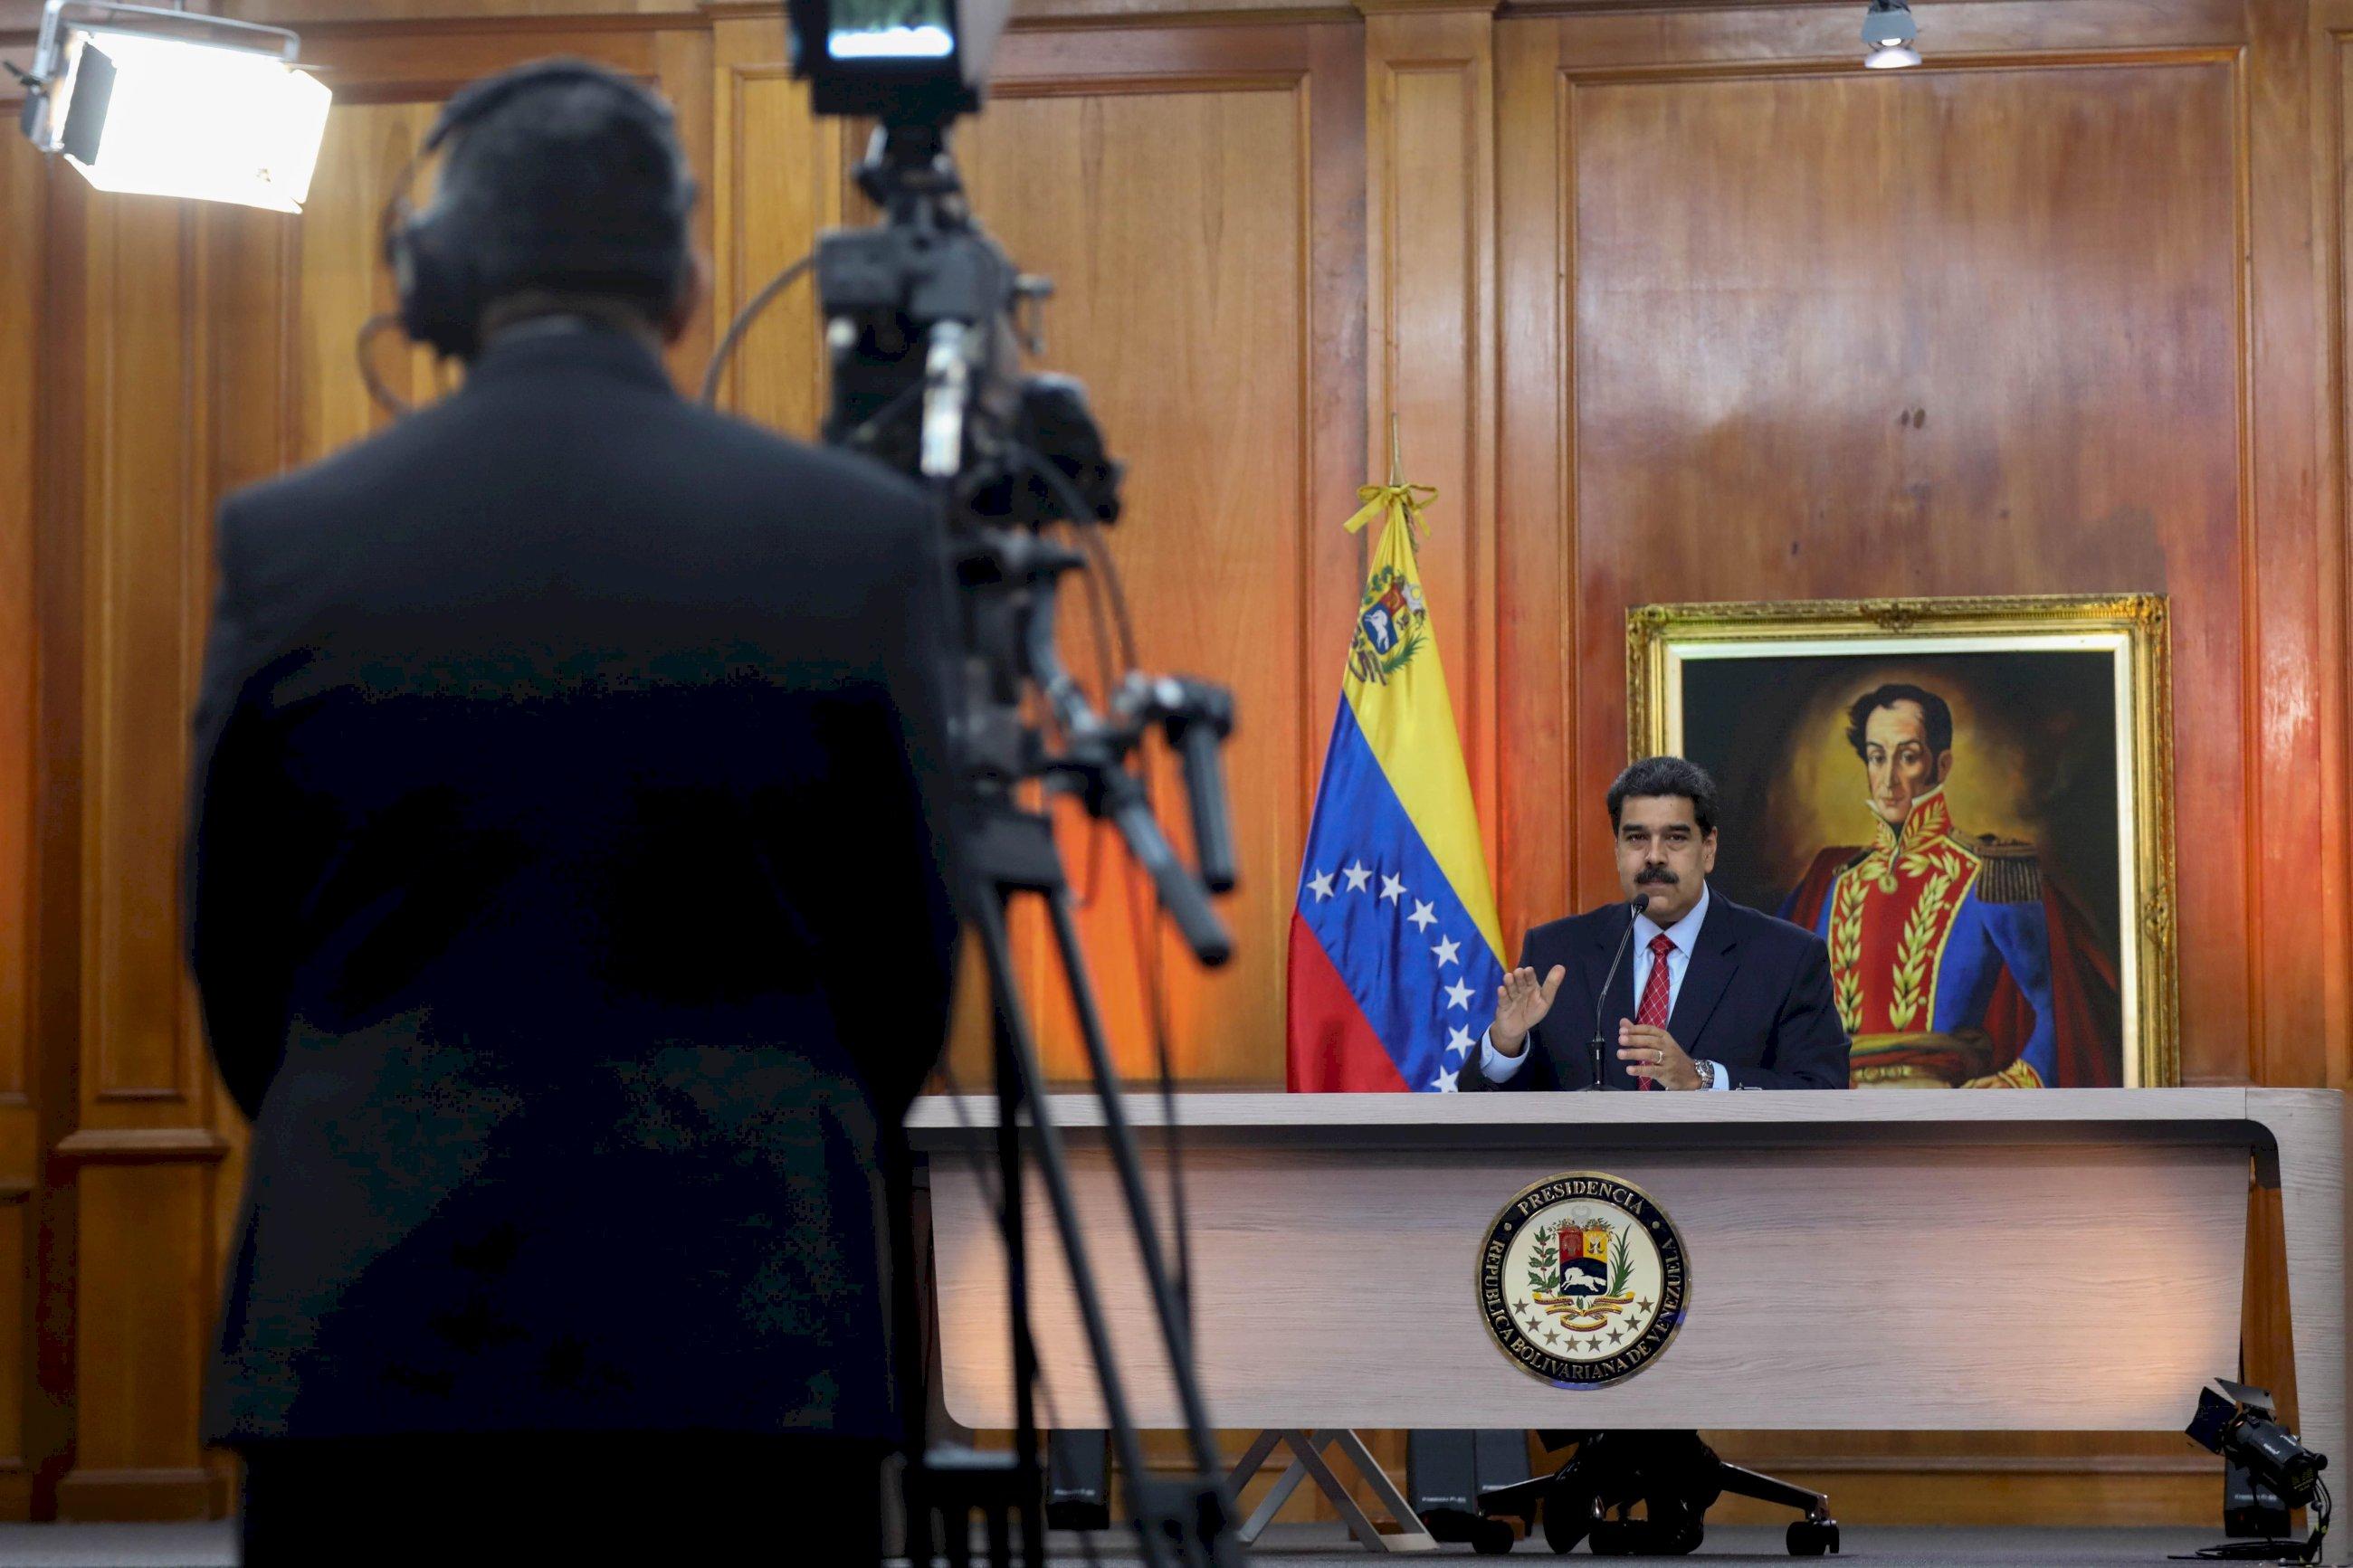 Hablan los presidentes: Maduro por televisión, Guaidó por Whatsapp